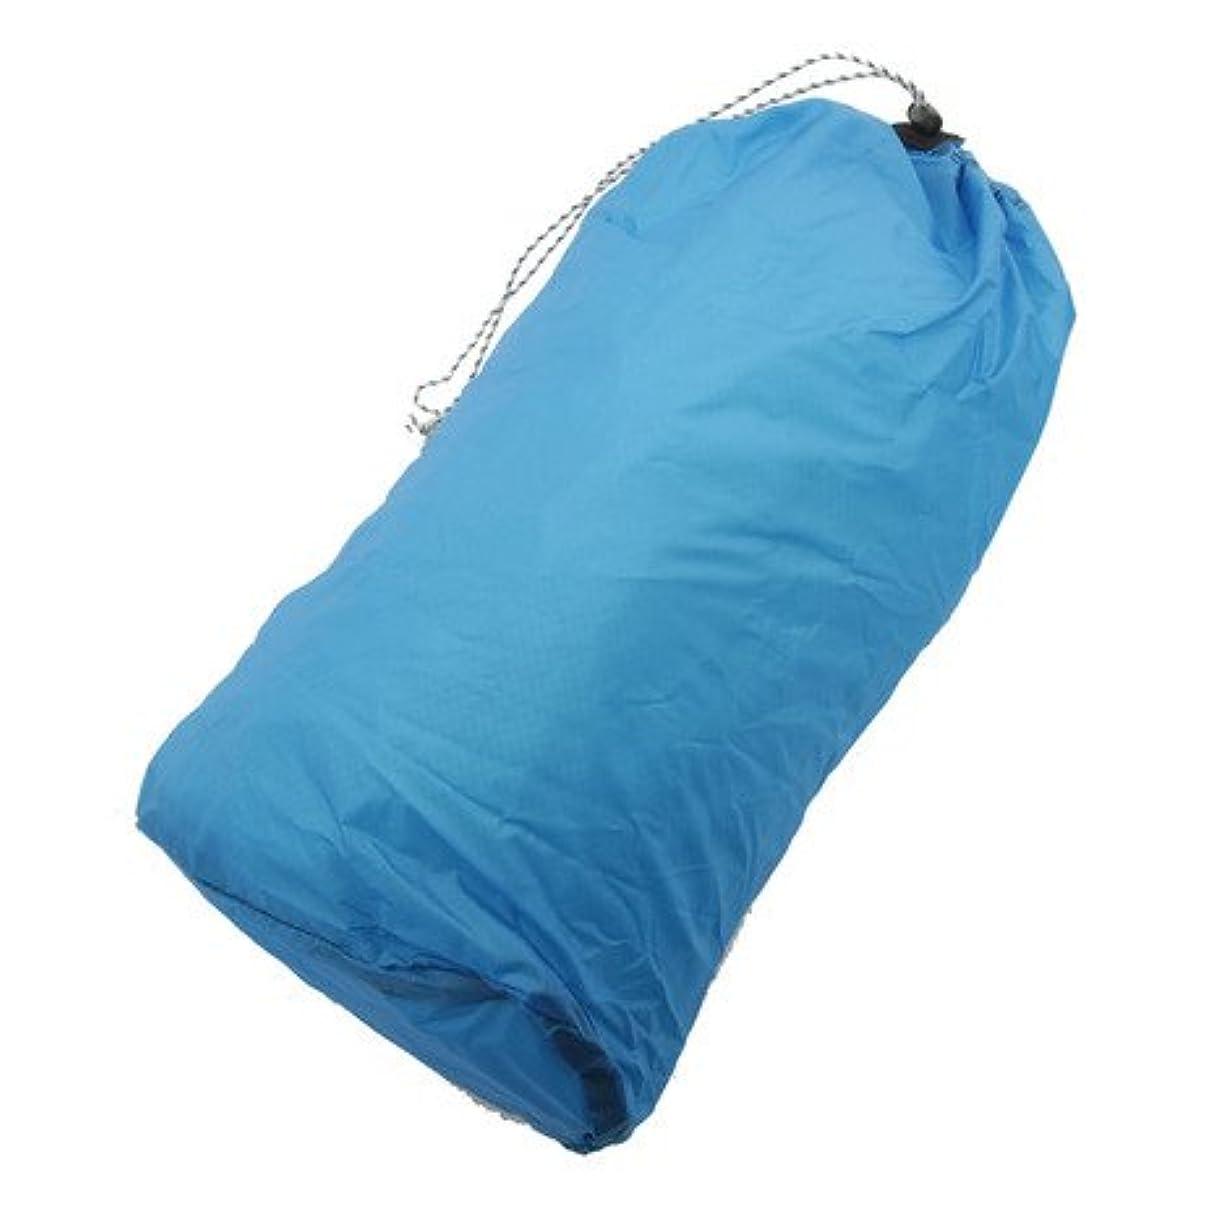 追い付く心のこもった愛情グラナイトギア(グラナイトギア) エアバッグ AIR BAG #4 7L 2210900121-BLUE